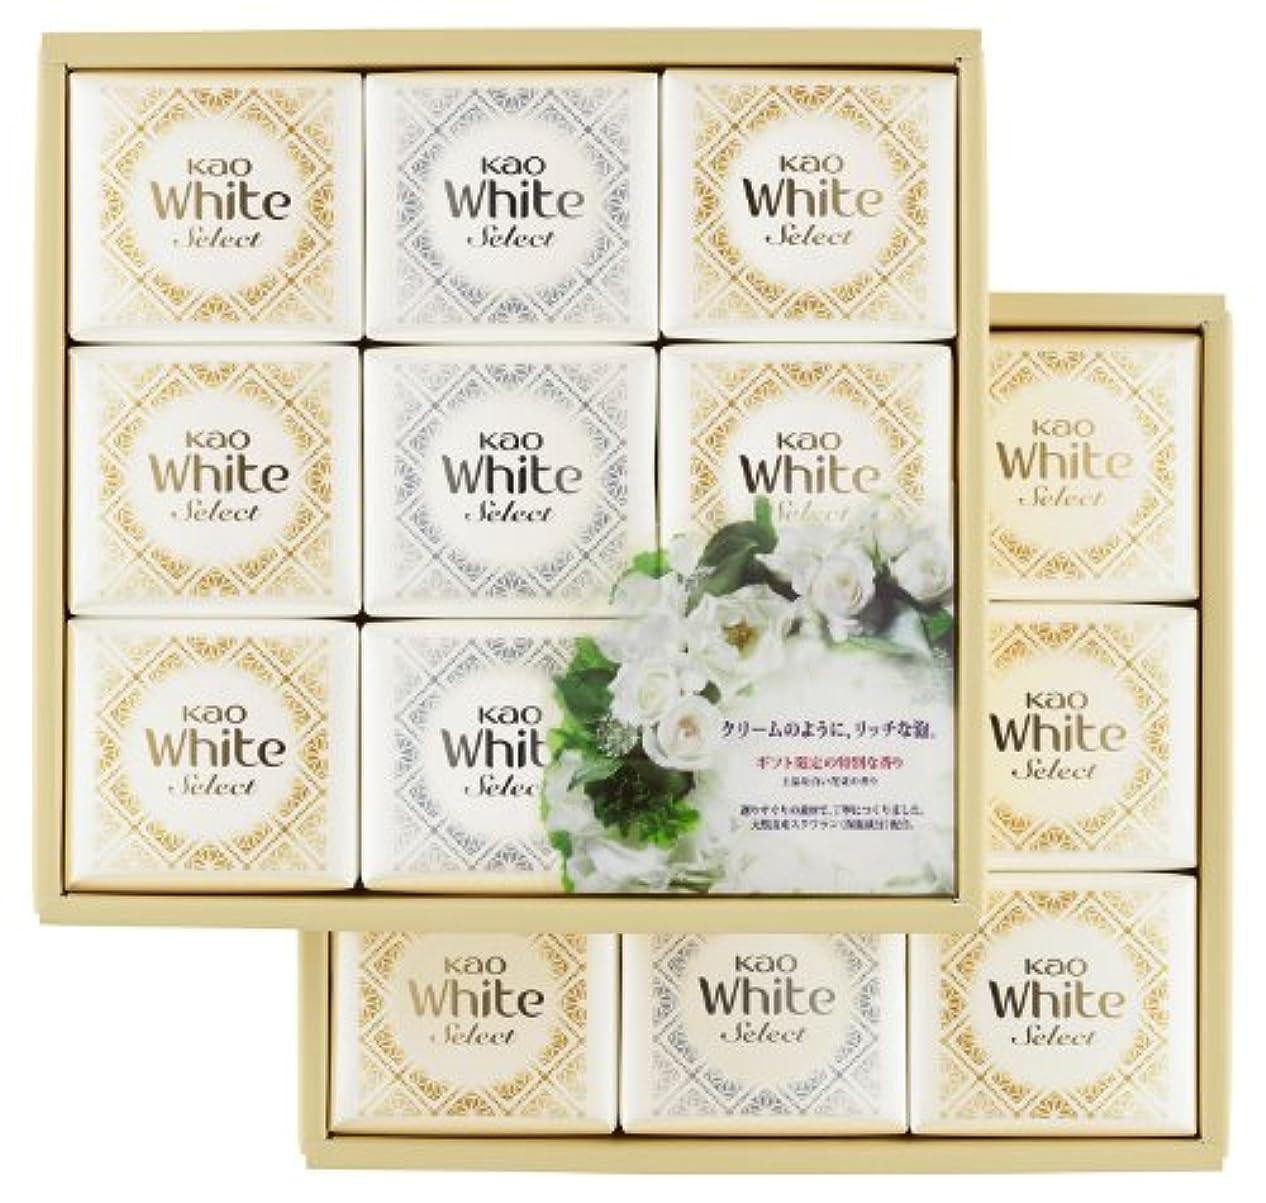 序文コードレスモジュール花王ホワイト セレクト 上品な白い花束の香り 85g 18コ K?WS-30